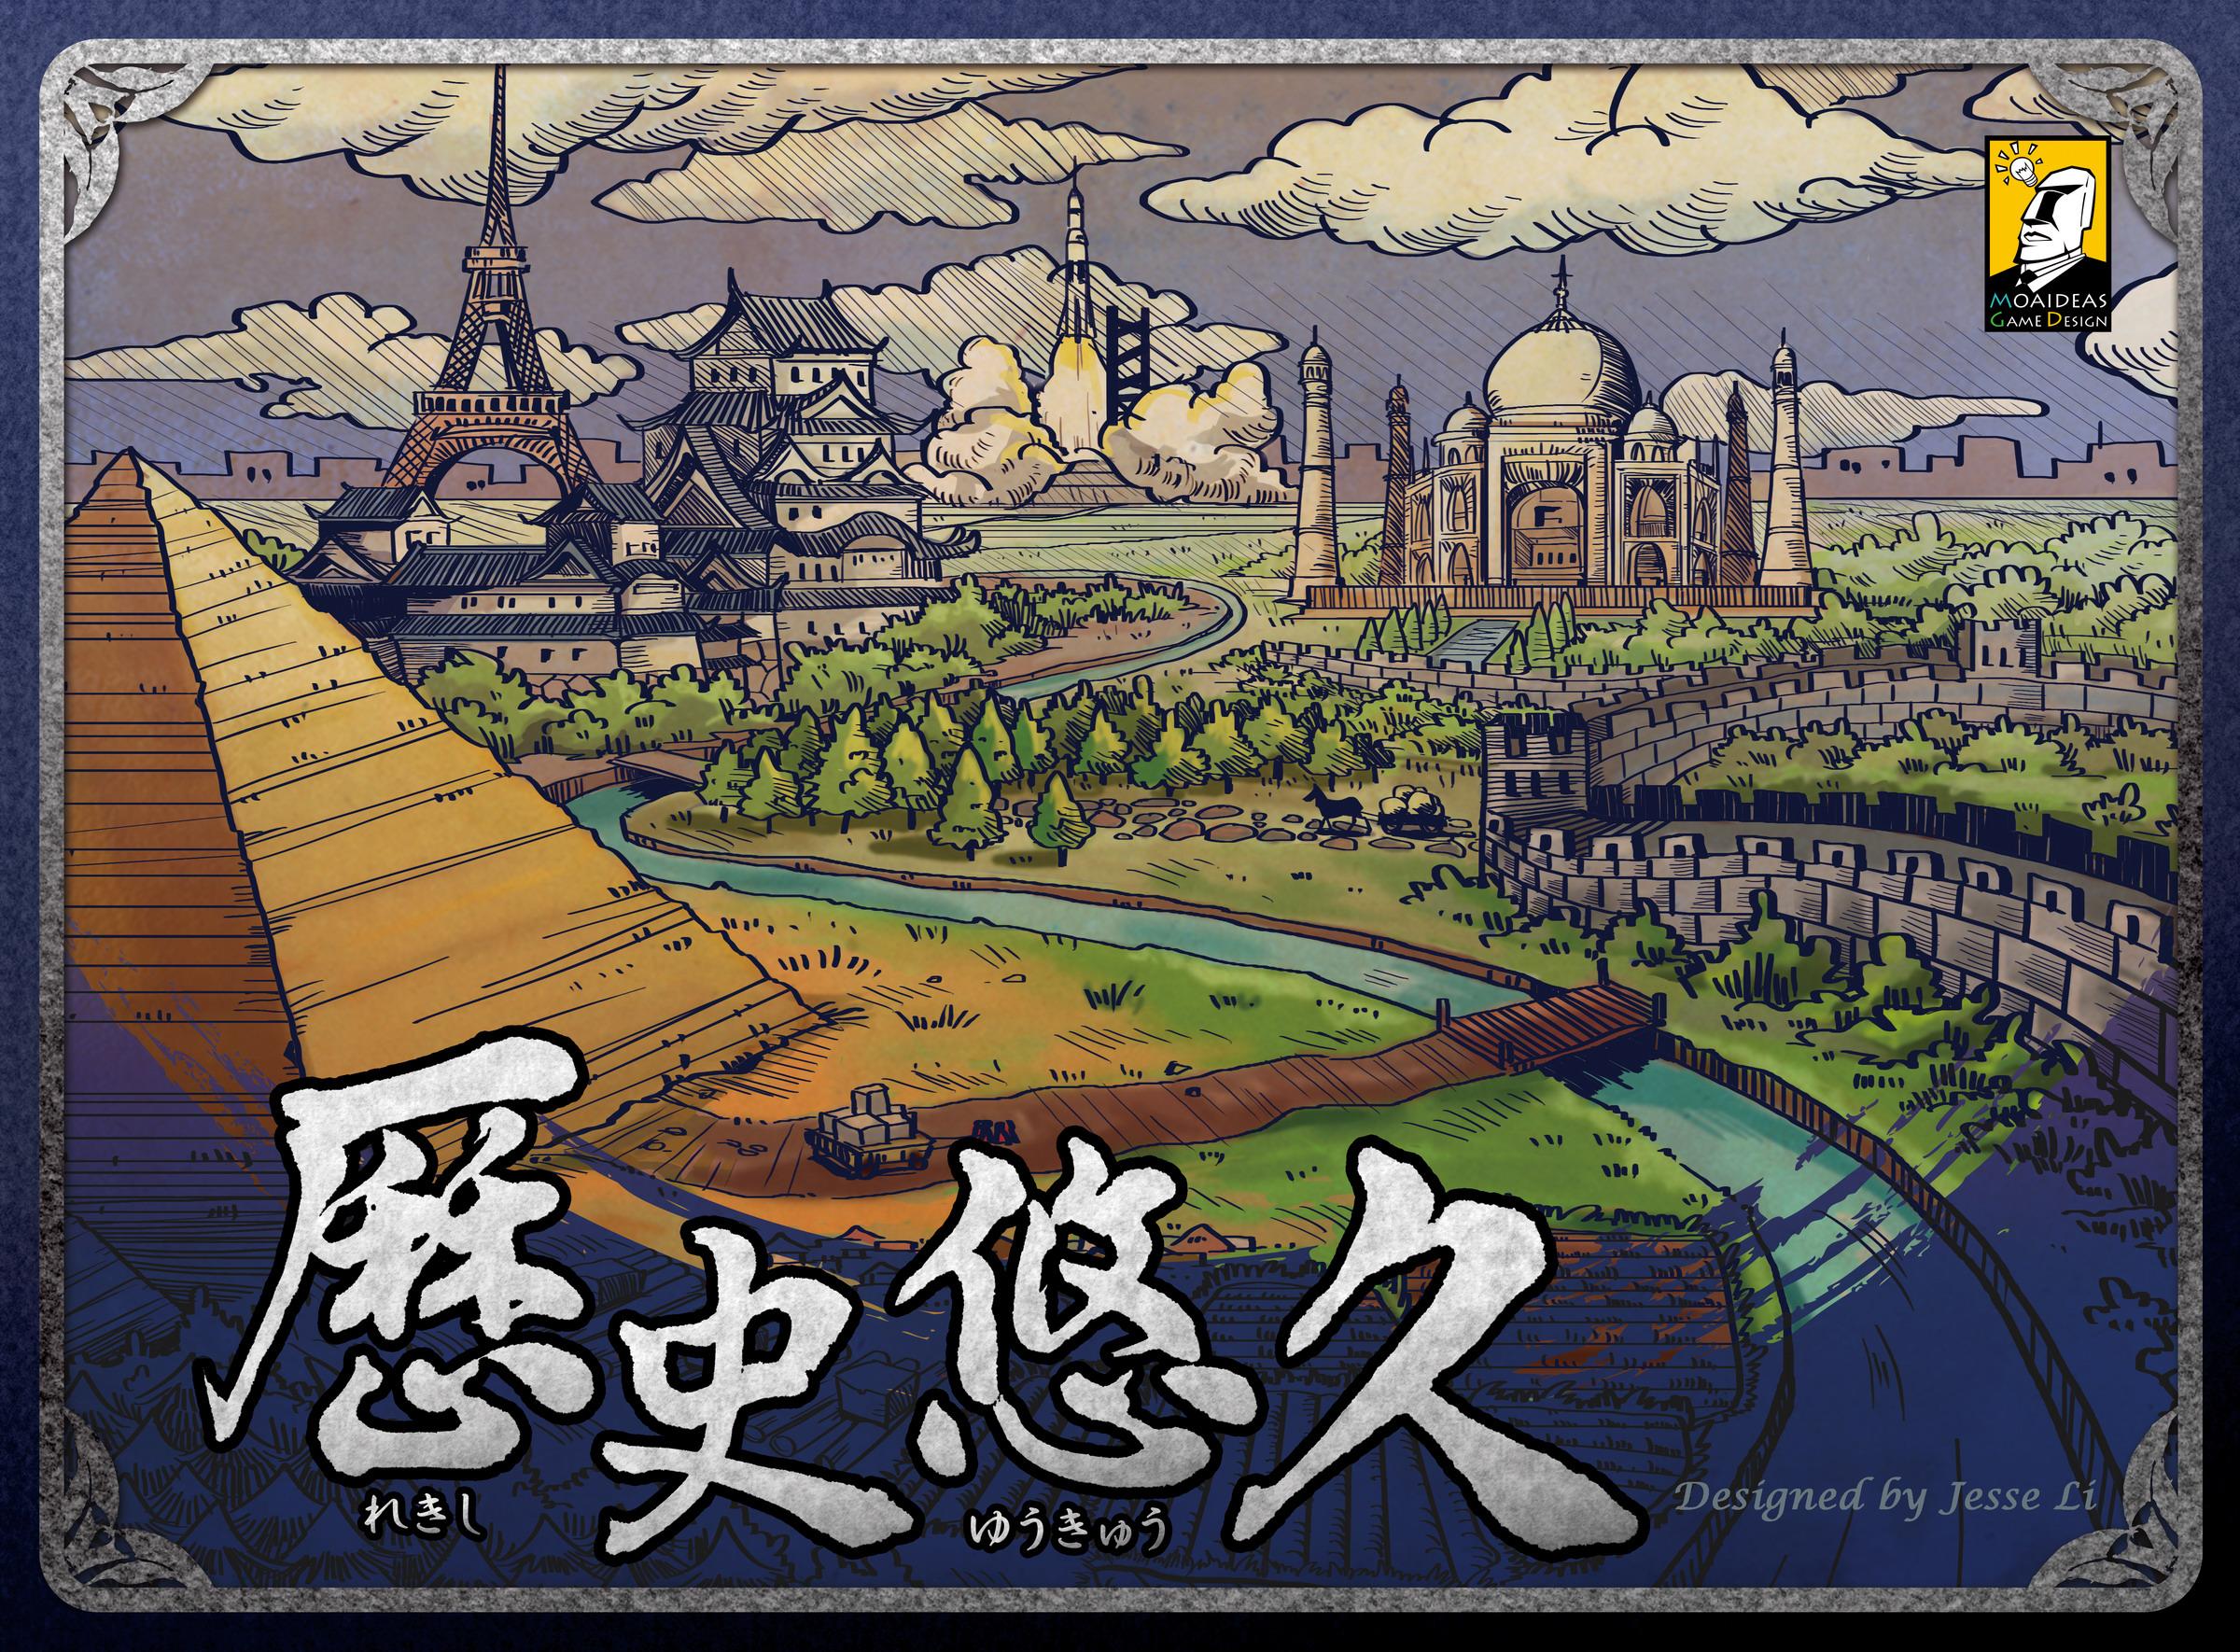 TFoH_Cover_JAP_V5_2400x1770